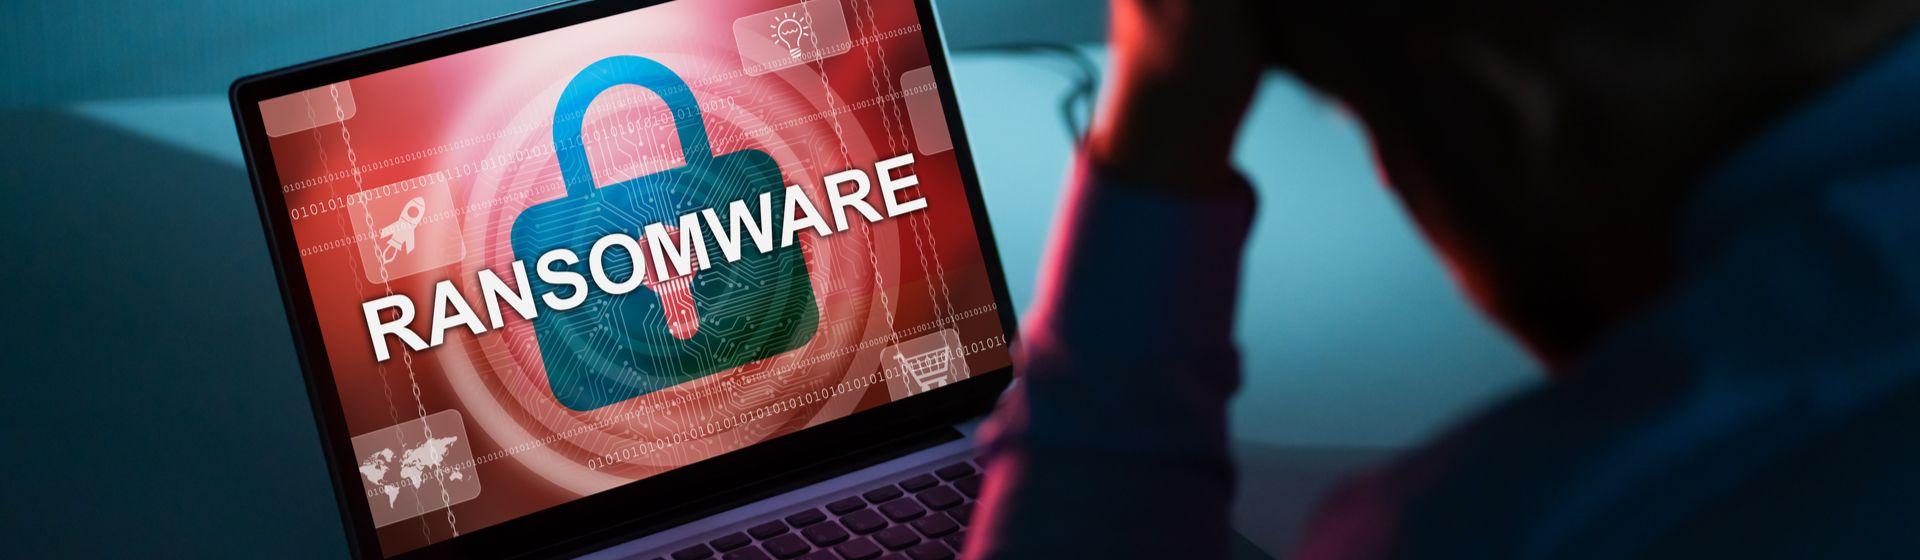 Ransomware: o que é e como proteger seu PC dele?